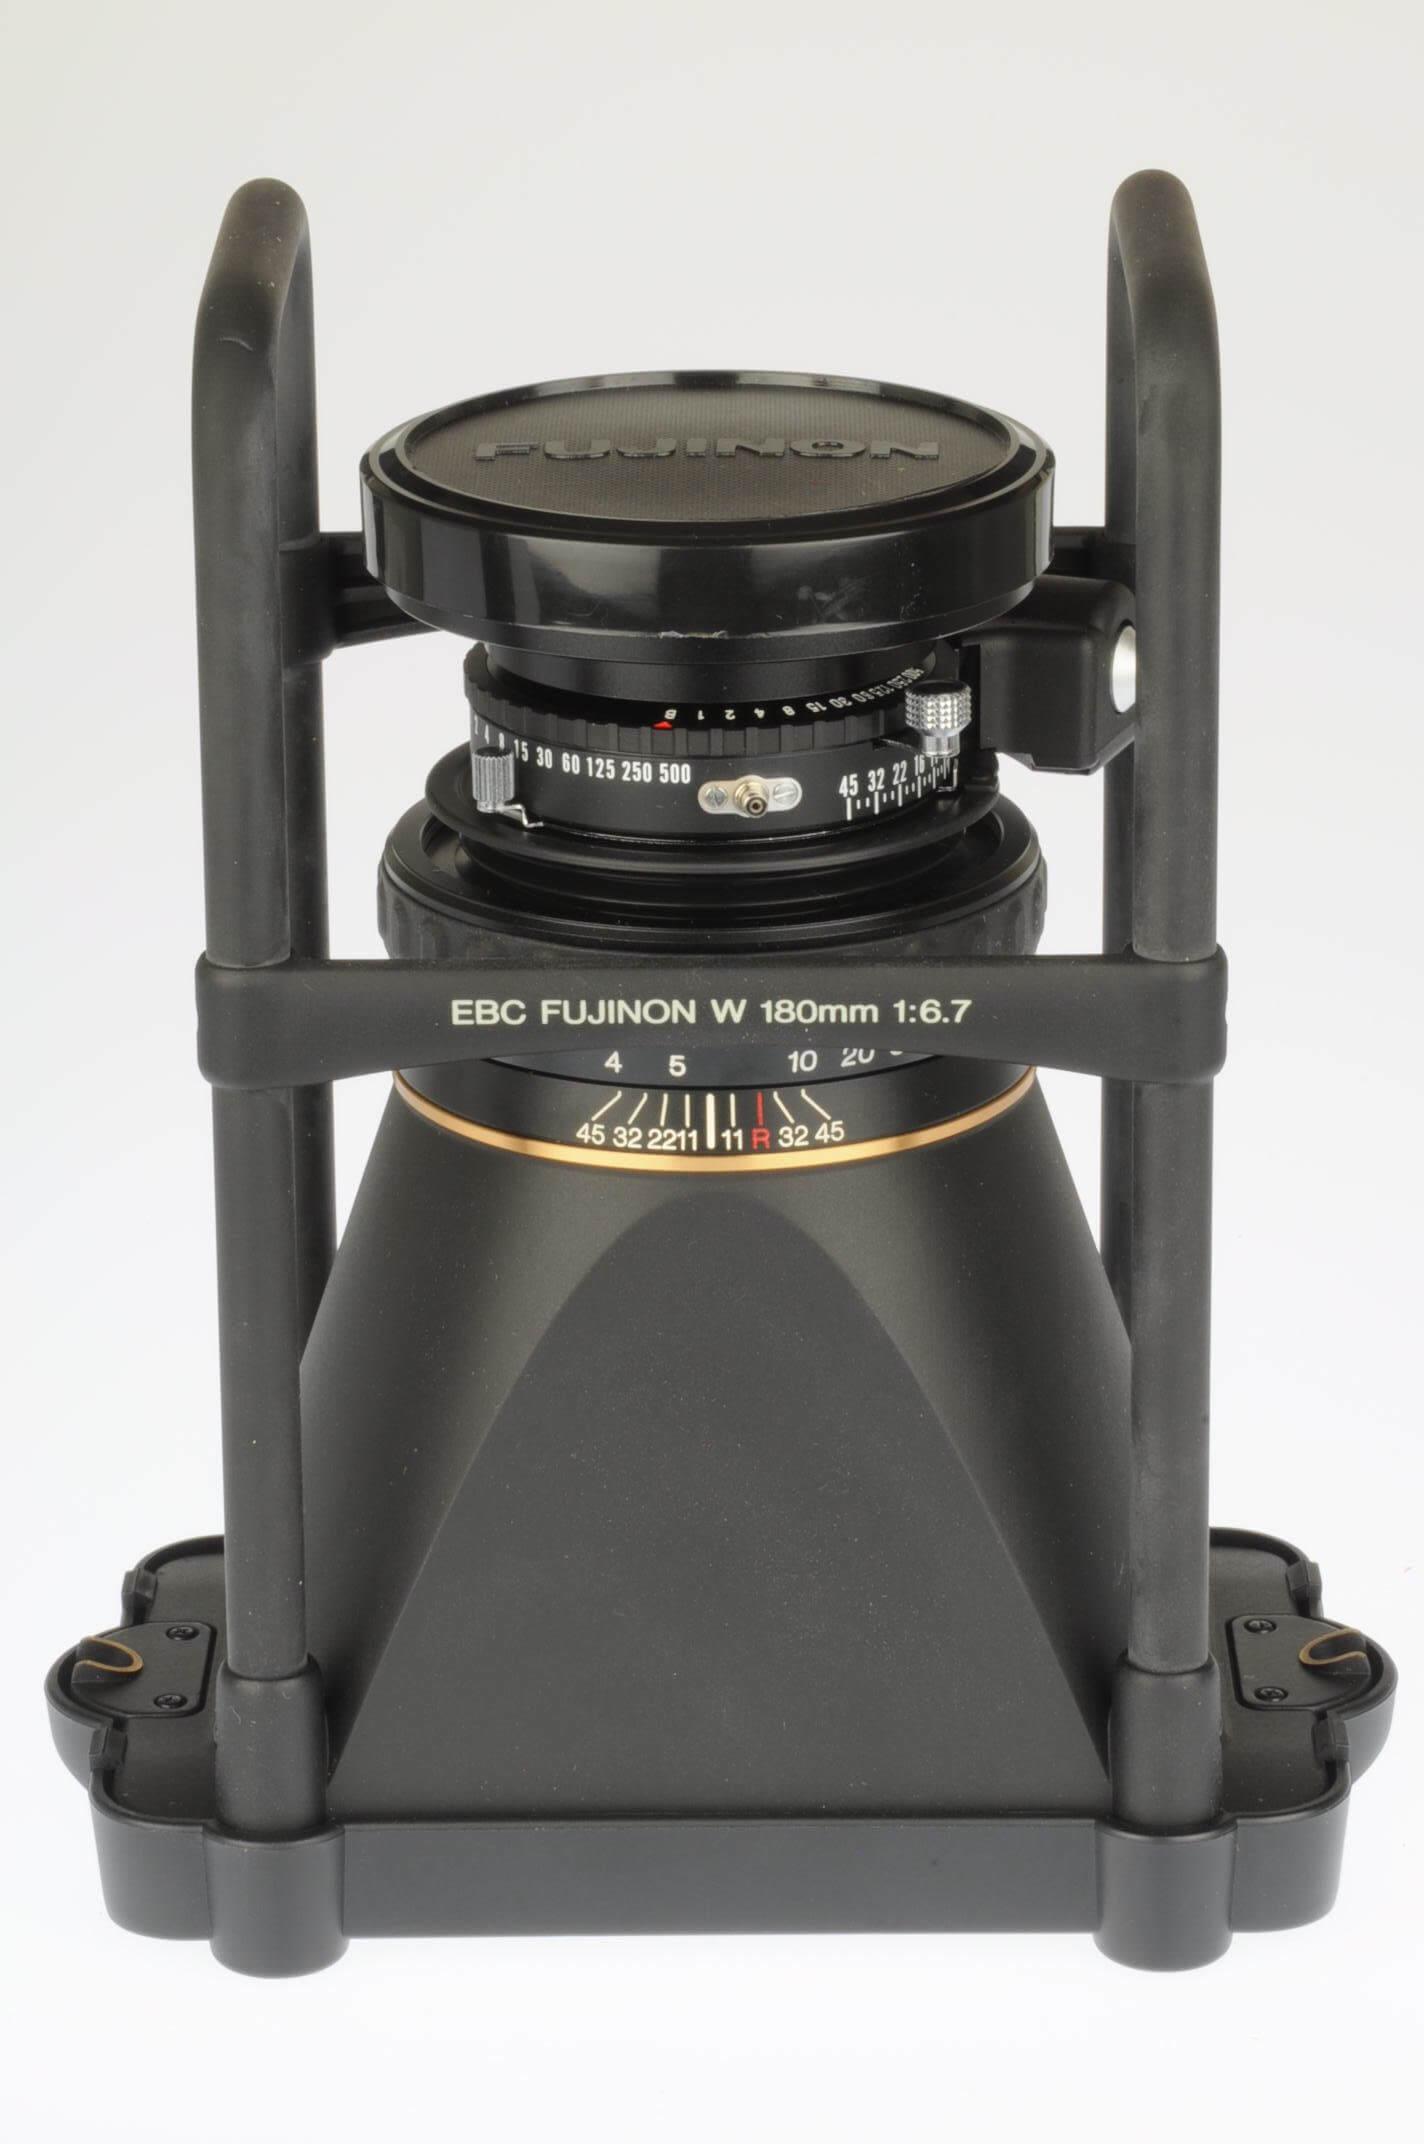 Fuji 180 f6.7 EBC W for GX617, totally mint!